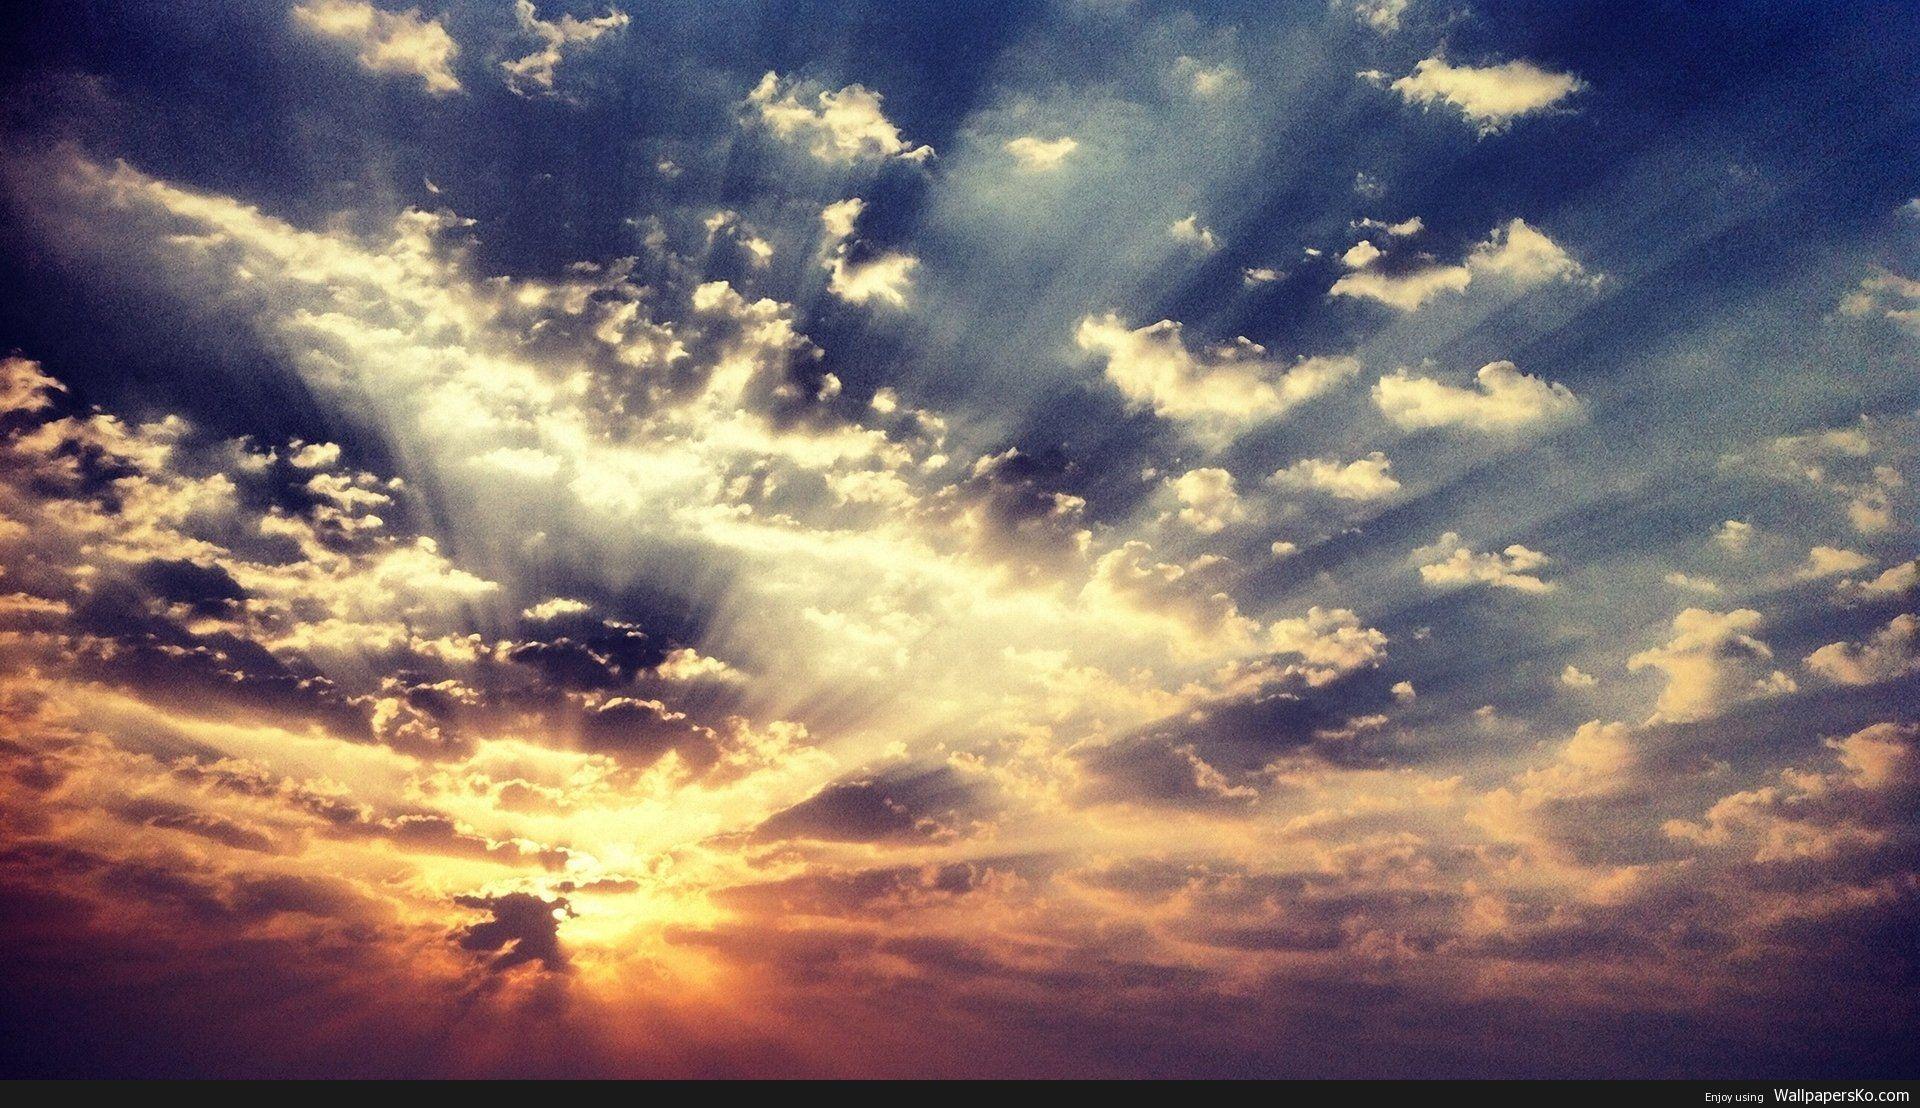 sky wallpaper hd - http://wallpapersko/sky-wallpaper-hd.html hd